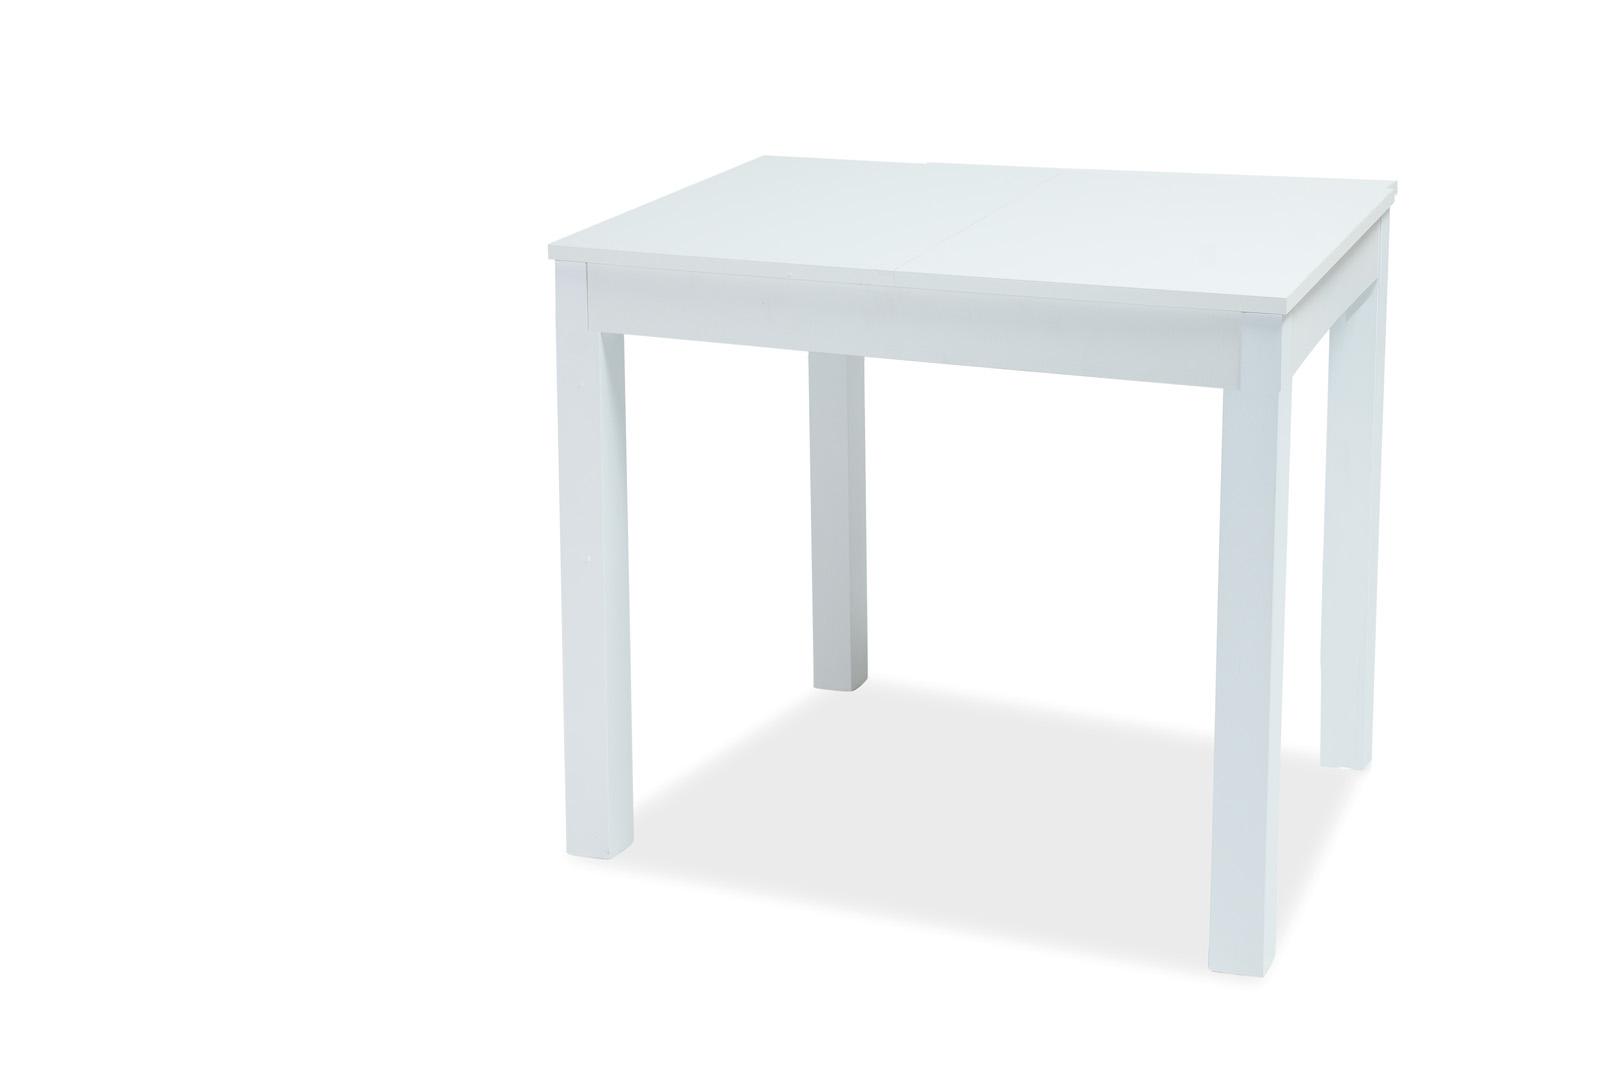 Jedálenský stôl - Signal - Eldo (biela) (pre 4 až 6 osôb). Doprava ZDARMA. Sme autorizovaný predajca Signal. Vlastná spoľahlivá doprava až k Vám domov.